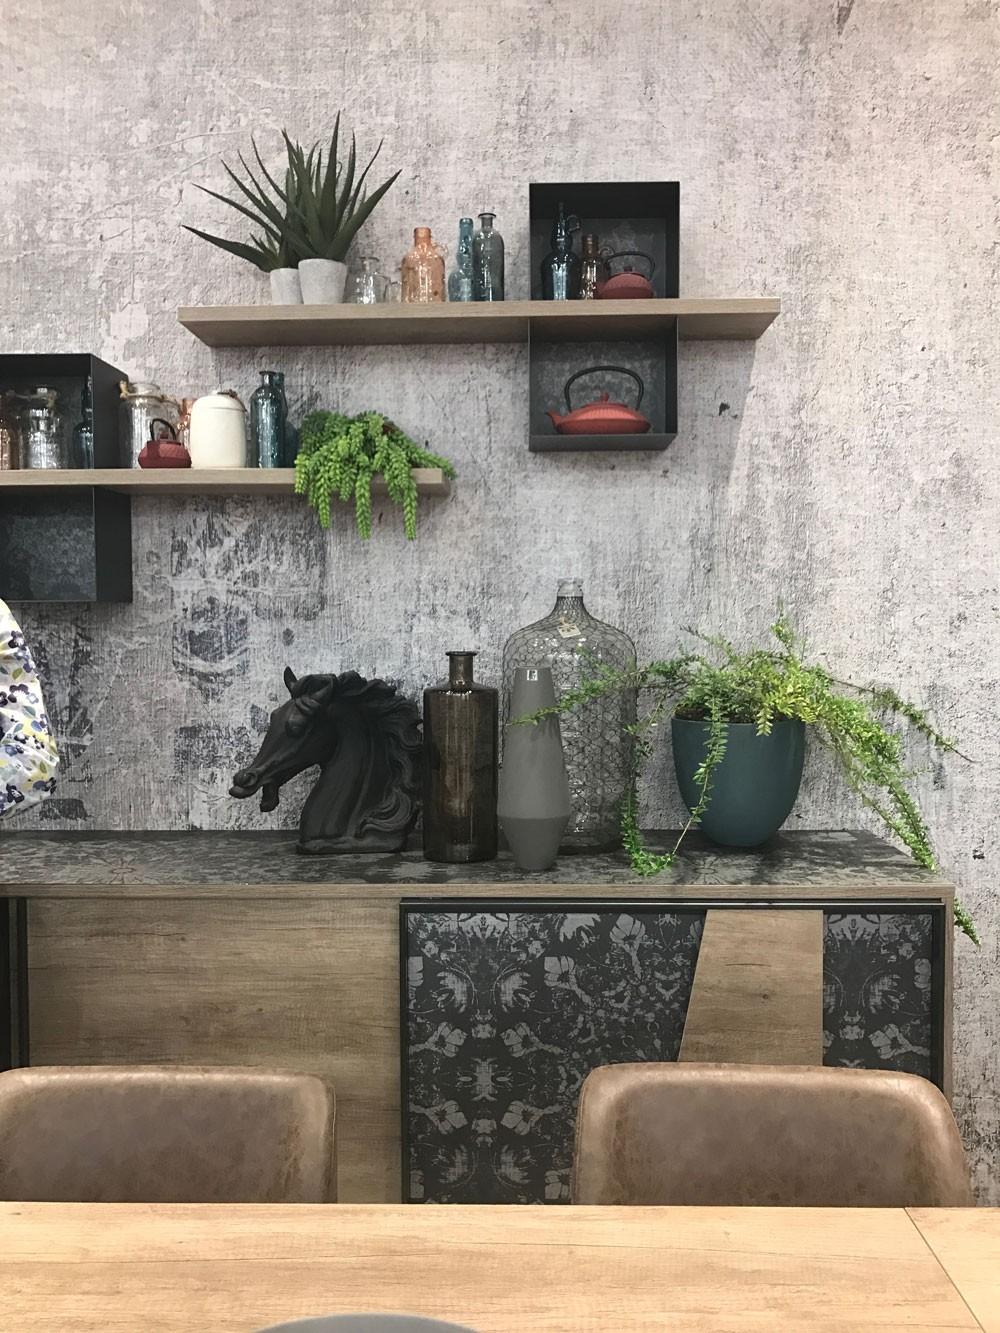 Salone Milano 2017 Art Culos Modo De Vida # Muebles Texturizados